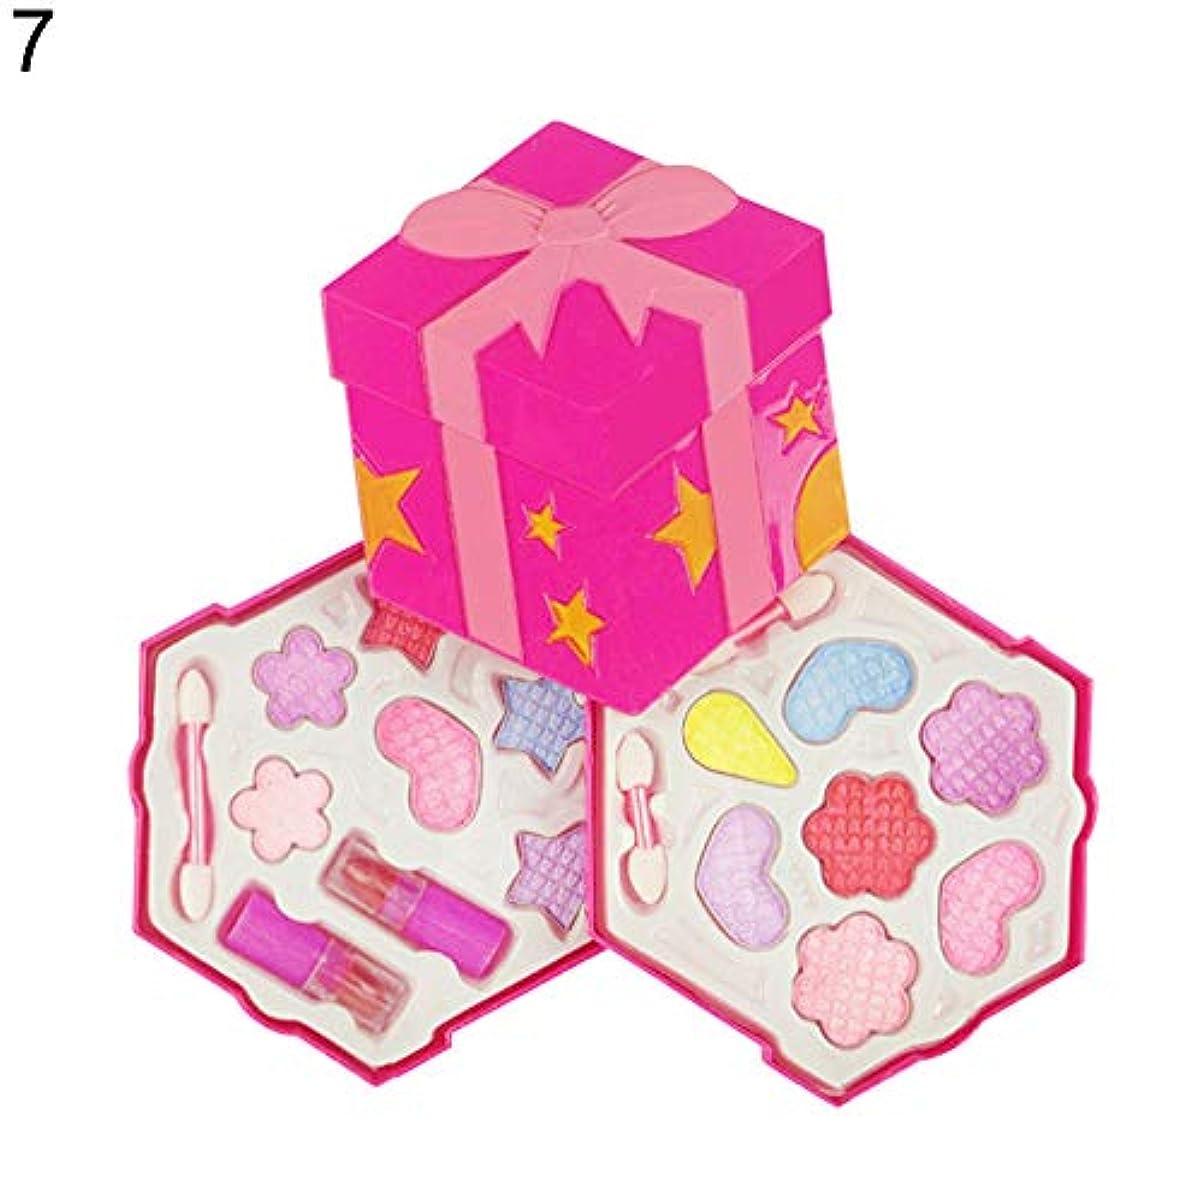 休み人質集団花蝶ふりプレイメイクセット女の子シミュレーション非毒性化粧品 - 7